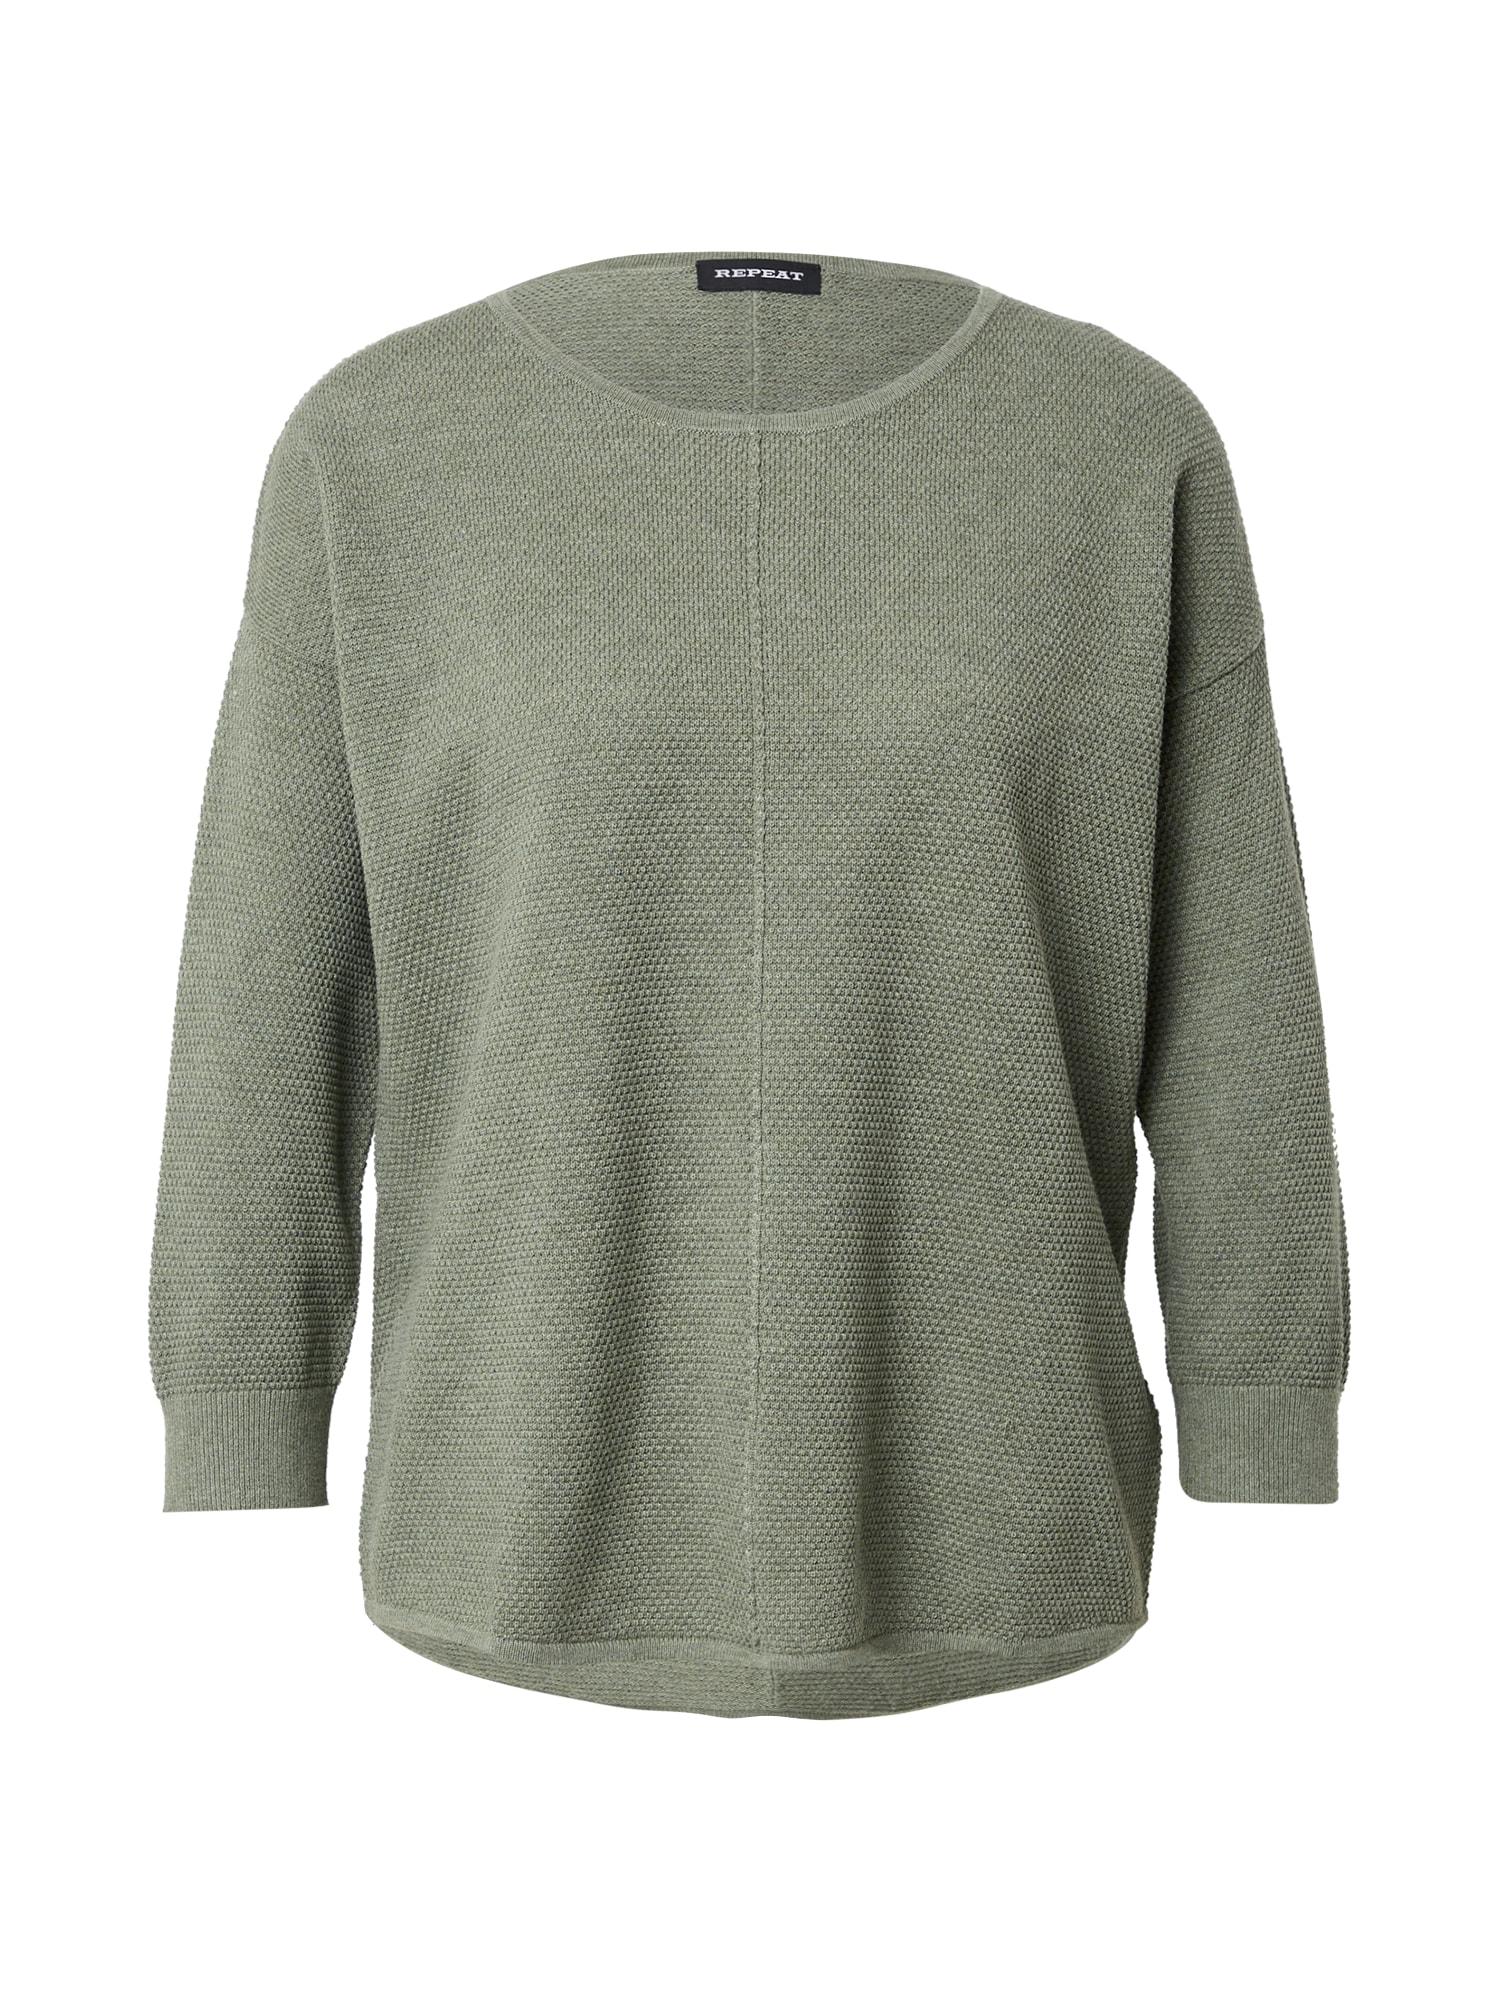 REPEAT Megztinis rusvai žalia